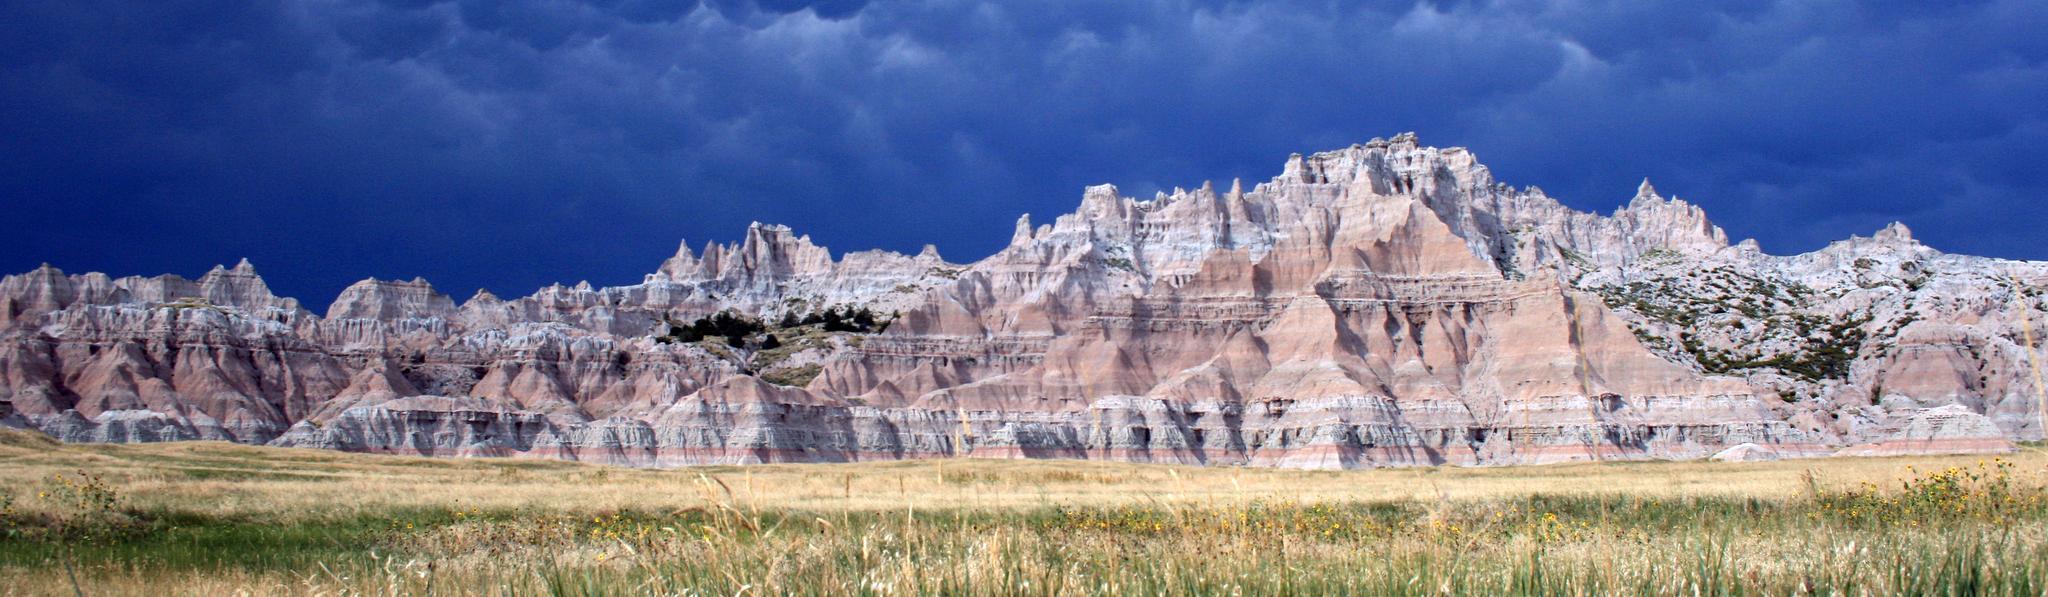 Badlands Nebraska Map.Badlands National Park U S National Park Service